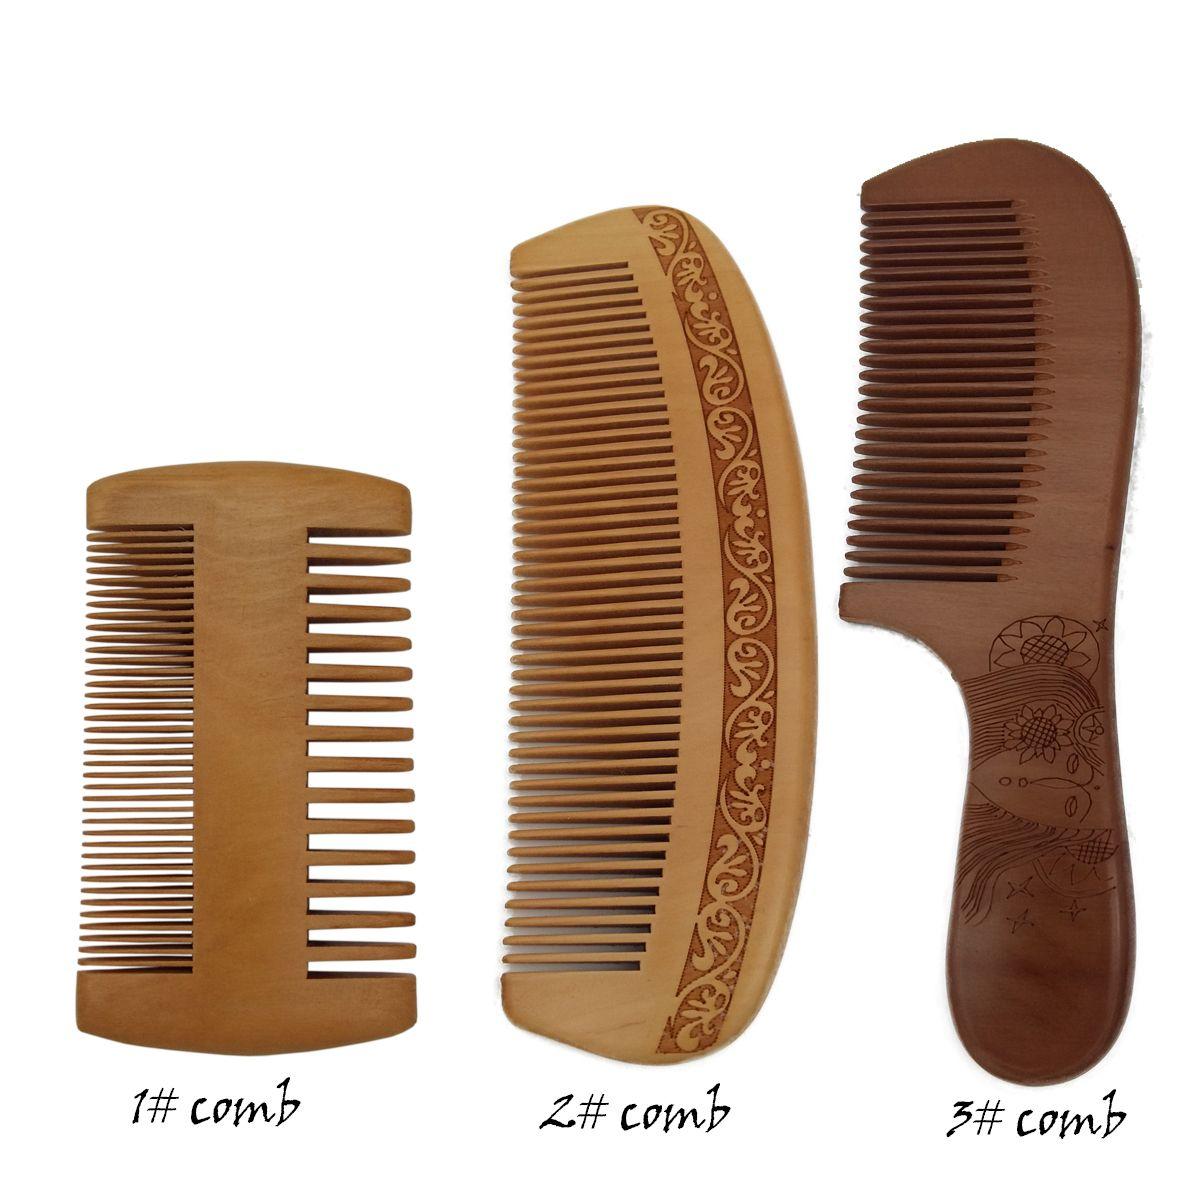 Kıvırcık Saç için Düz Saç Hayır Statik Tarak Cep Tarak için Dolaşık Açıcı Şeftali Woodcomb için Vosaidi Ahşap Tarak